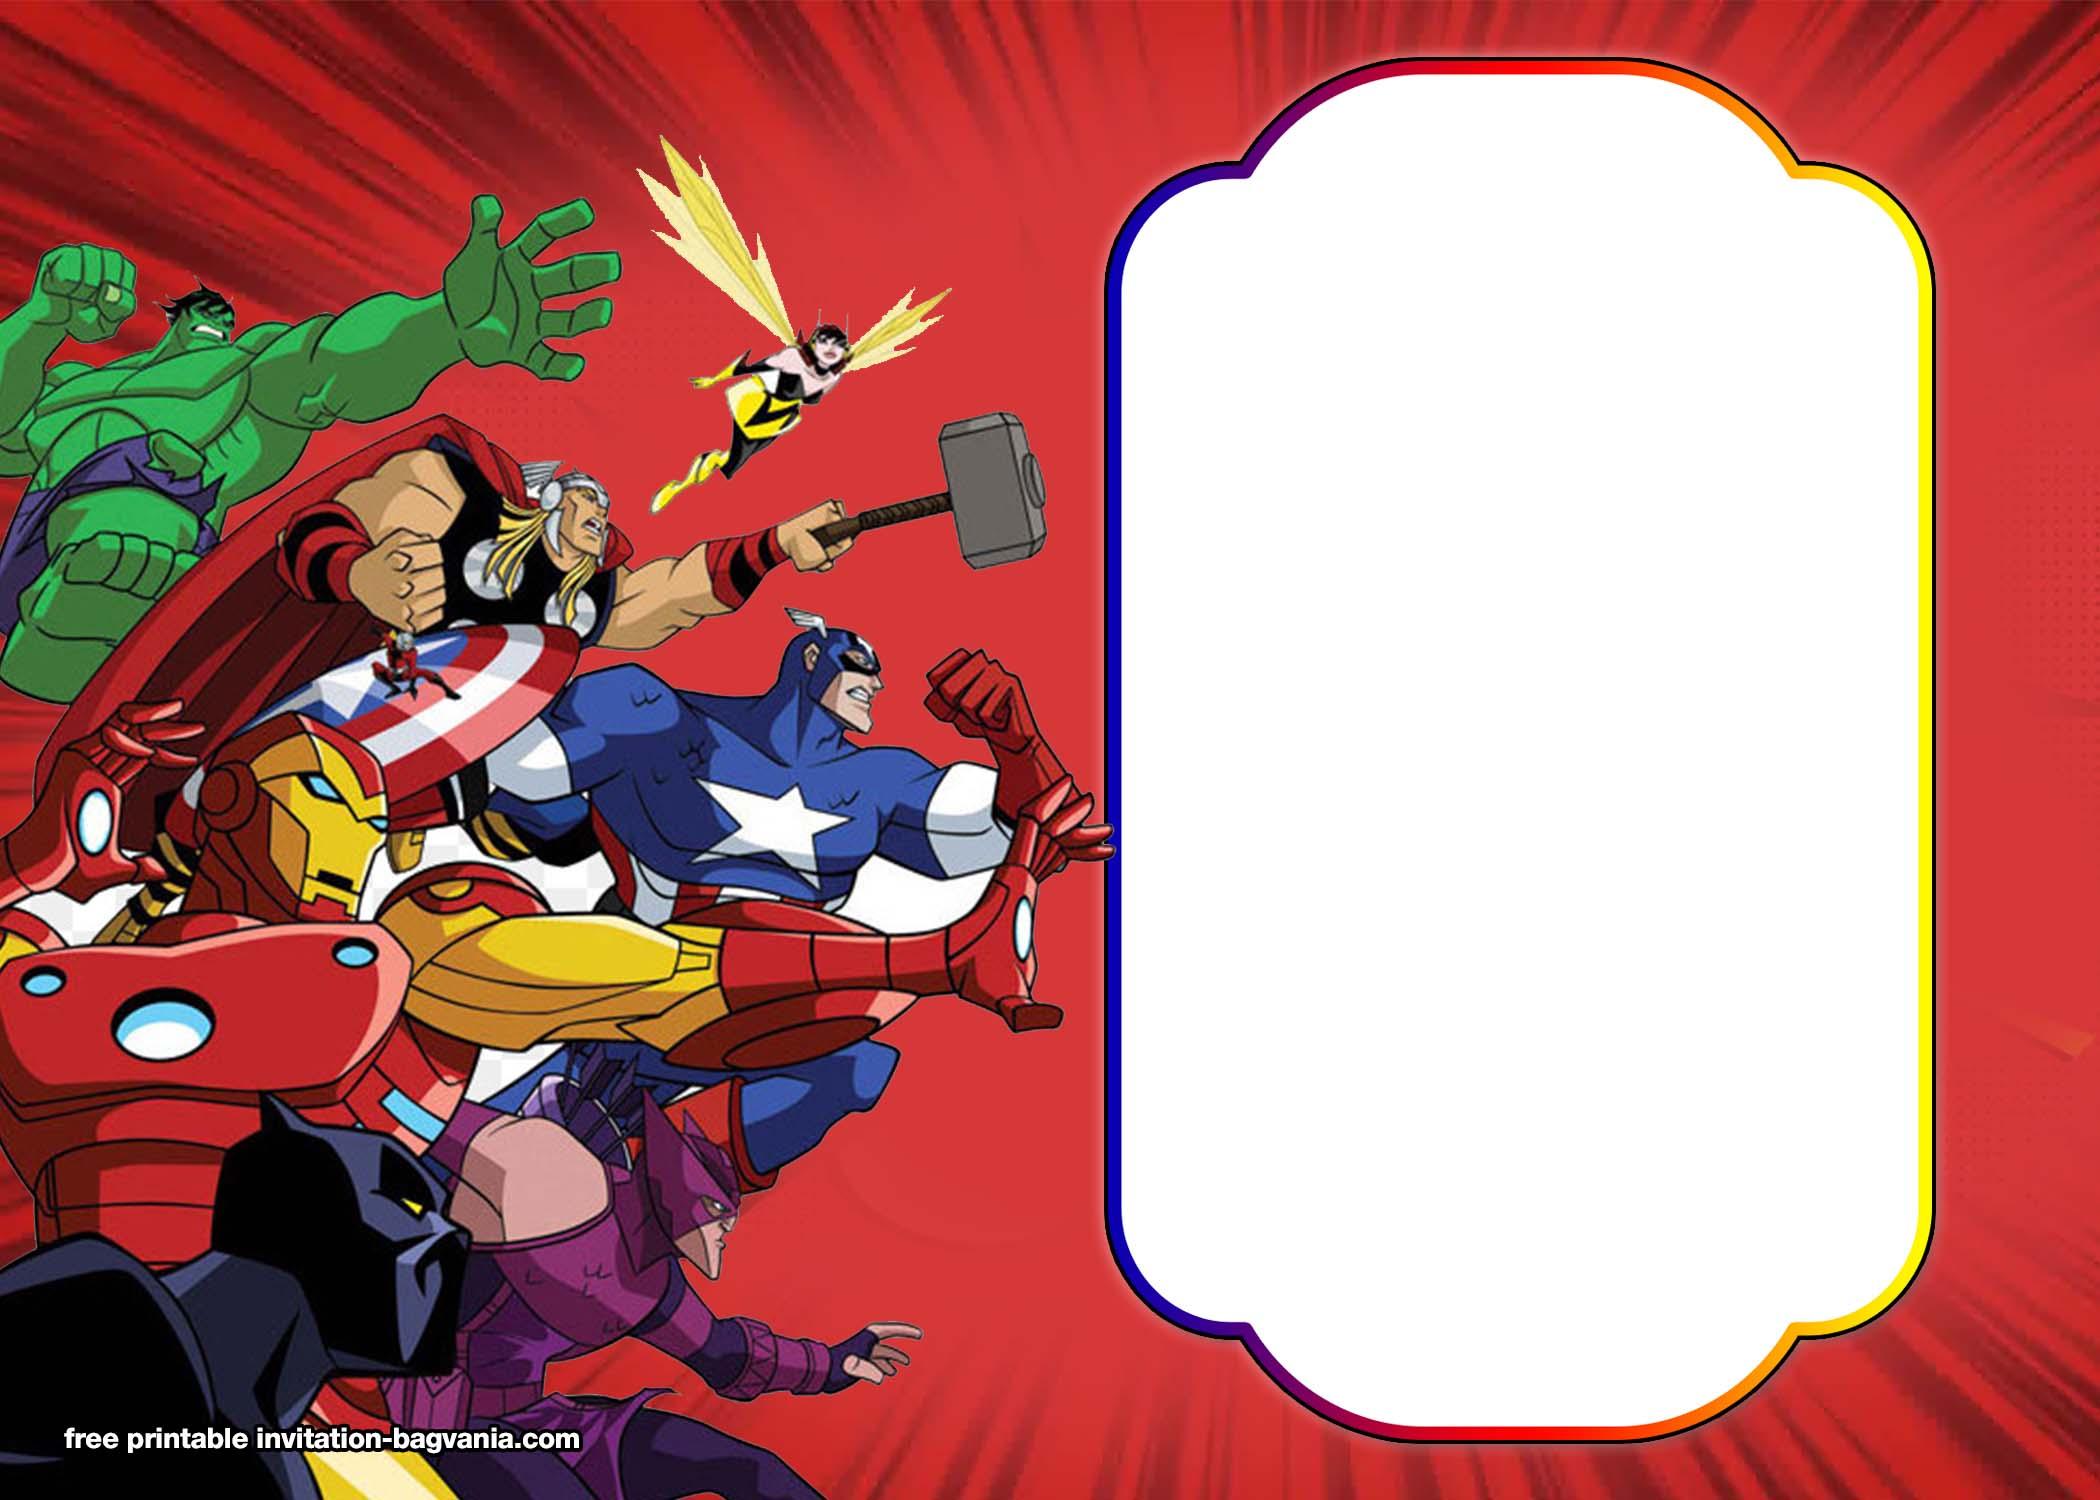 003 Beautiful Editable Superhero Invitation Template Free Image